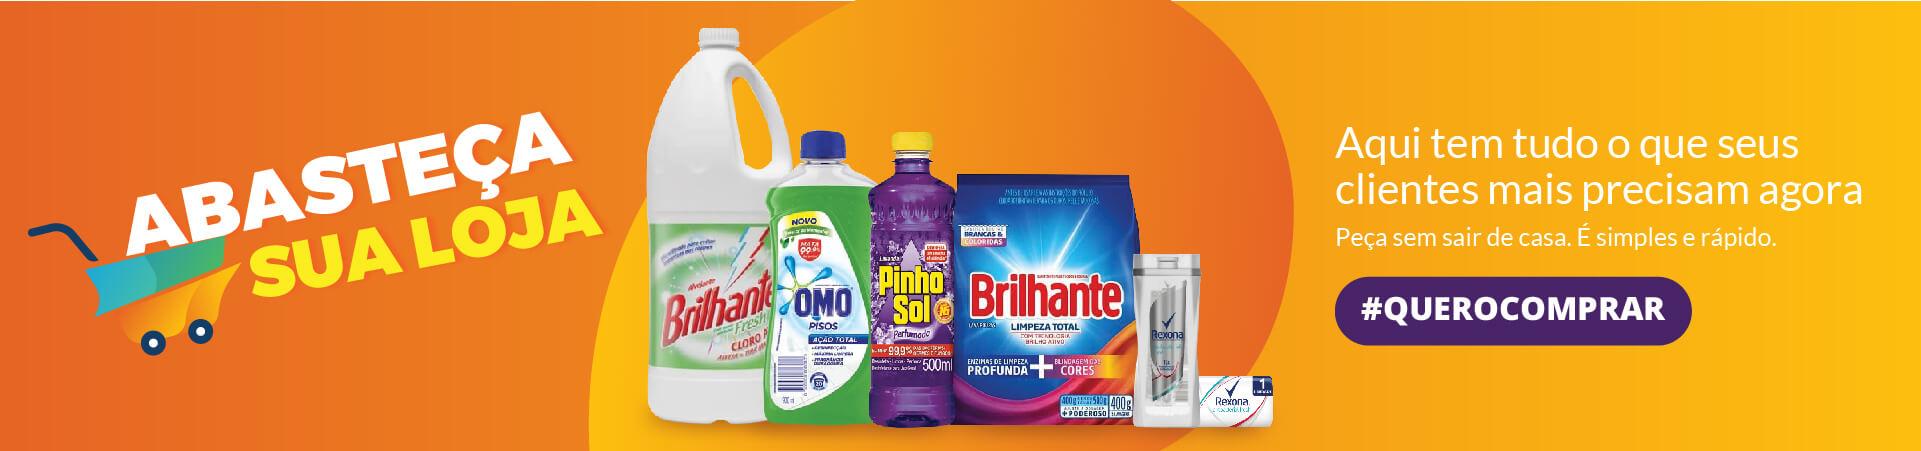 Produtos Antibactericidas